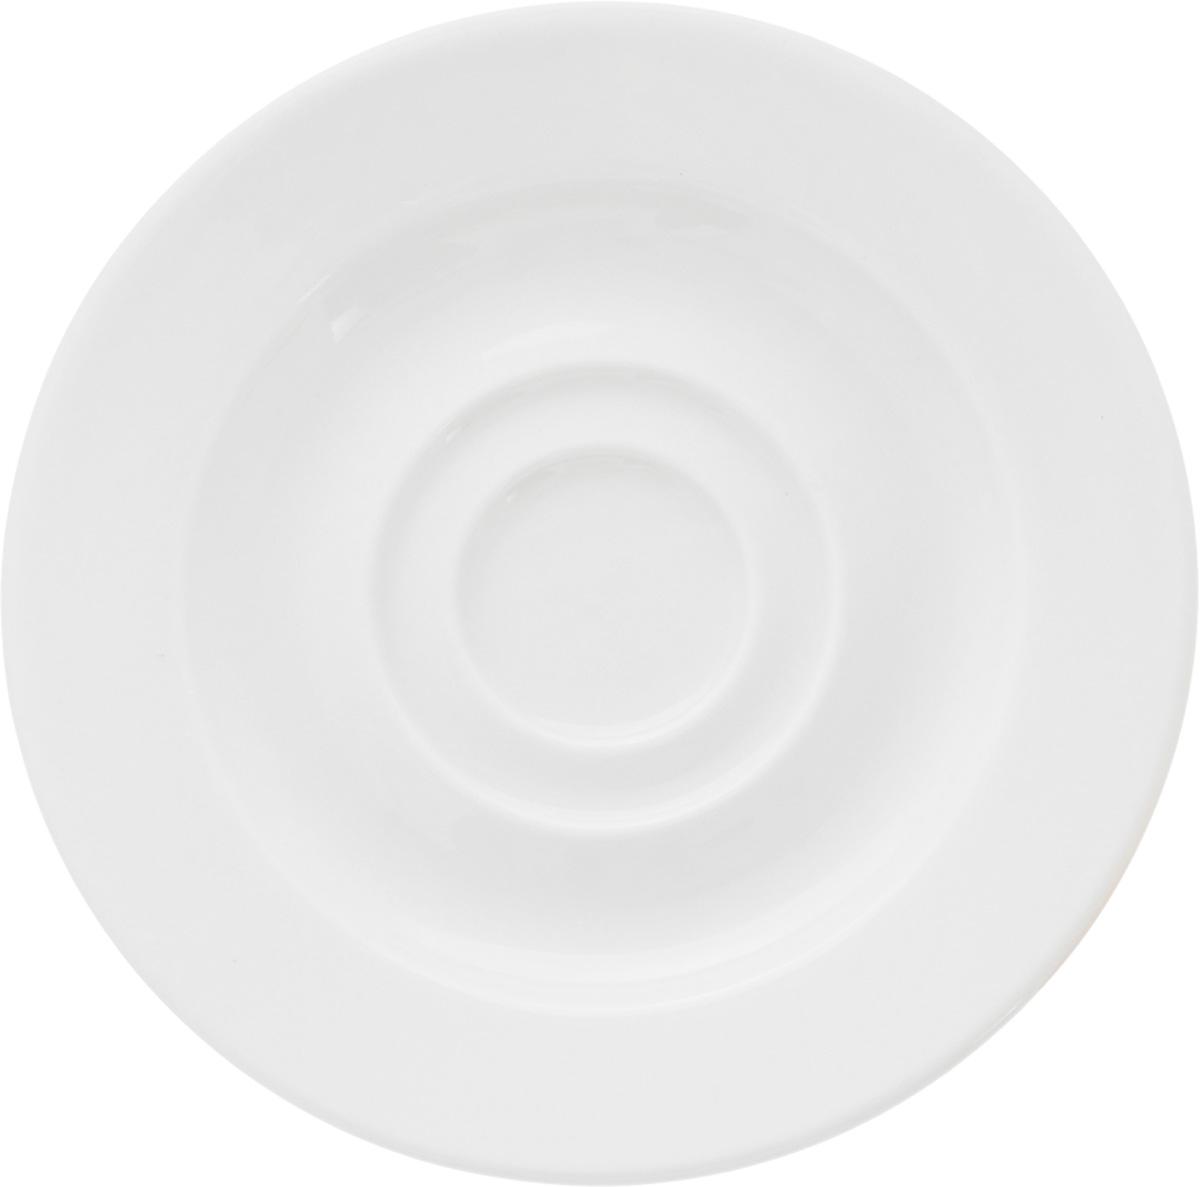 Блюдце Ariane Прайм, диаметр 12,5 см115610Оригинальное блюдце Ariane Прайм изготовлено из фарфора с глазурованным покрытием. Изделие сочетает в себе классический дизайн с максимальной функциональностью. Блюдце прекрасно впишется в интерьер вашей кухни и станет достойным дополнением к кухонному инвентарю. Можно мыть в посудомоечной машине и использовать в микроволновой печи.Диаметр блюдца (по верхнему краю): 12,5 см.Высота блюдца: 1,5 см.